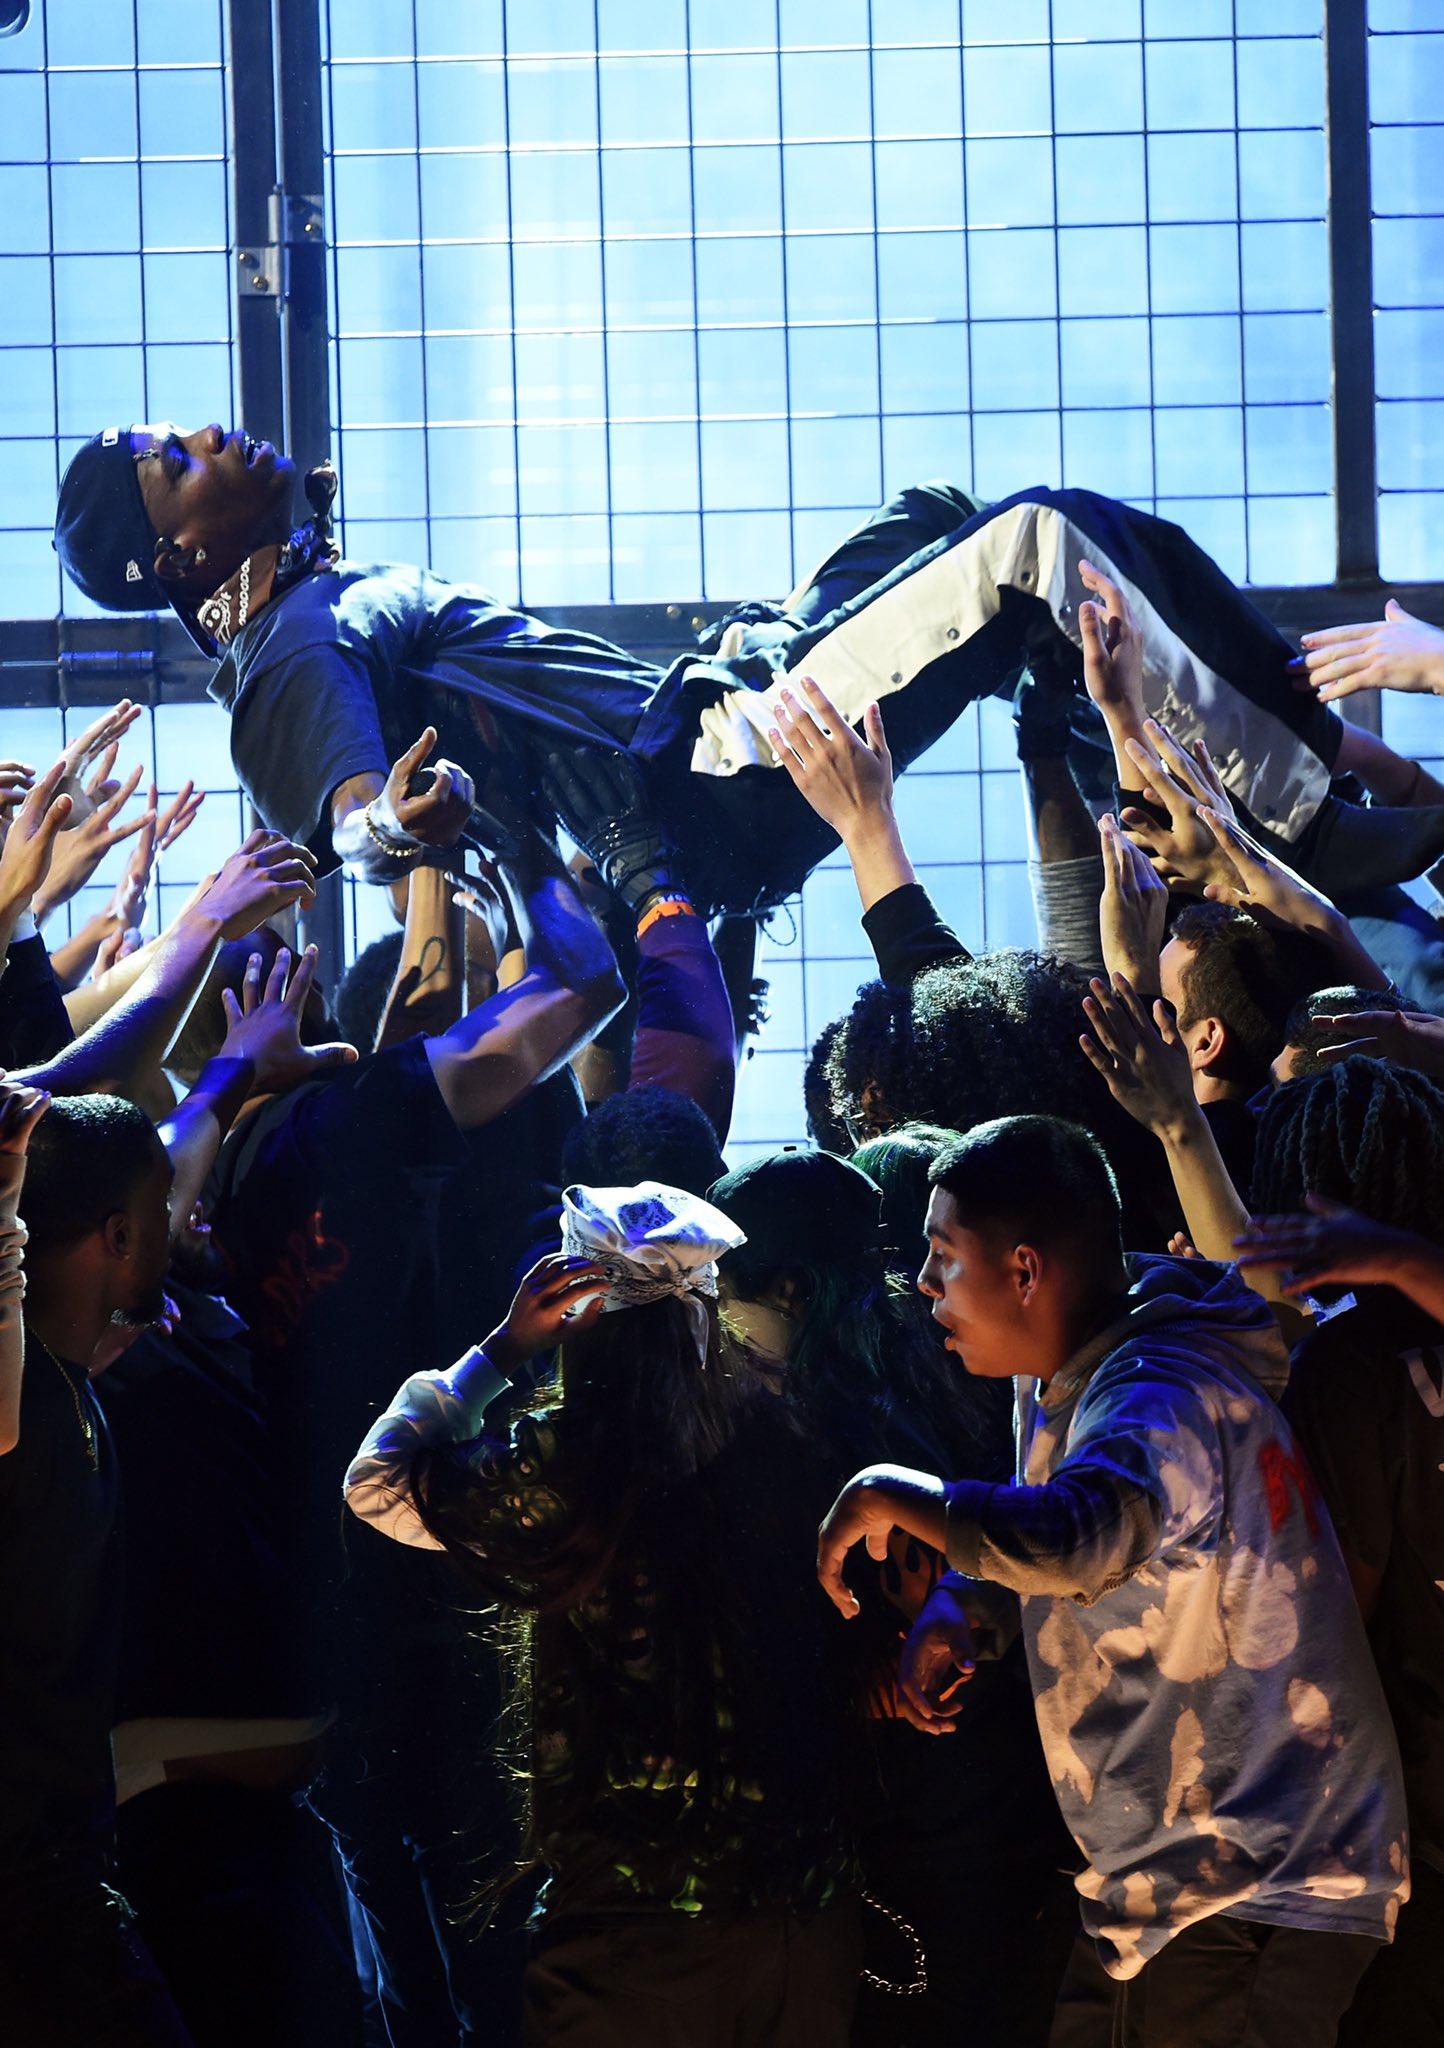 Travis Scott Dives In 'Astroworld' Medley Performance 2019 Grammy Awards (3)